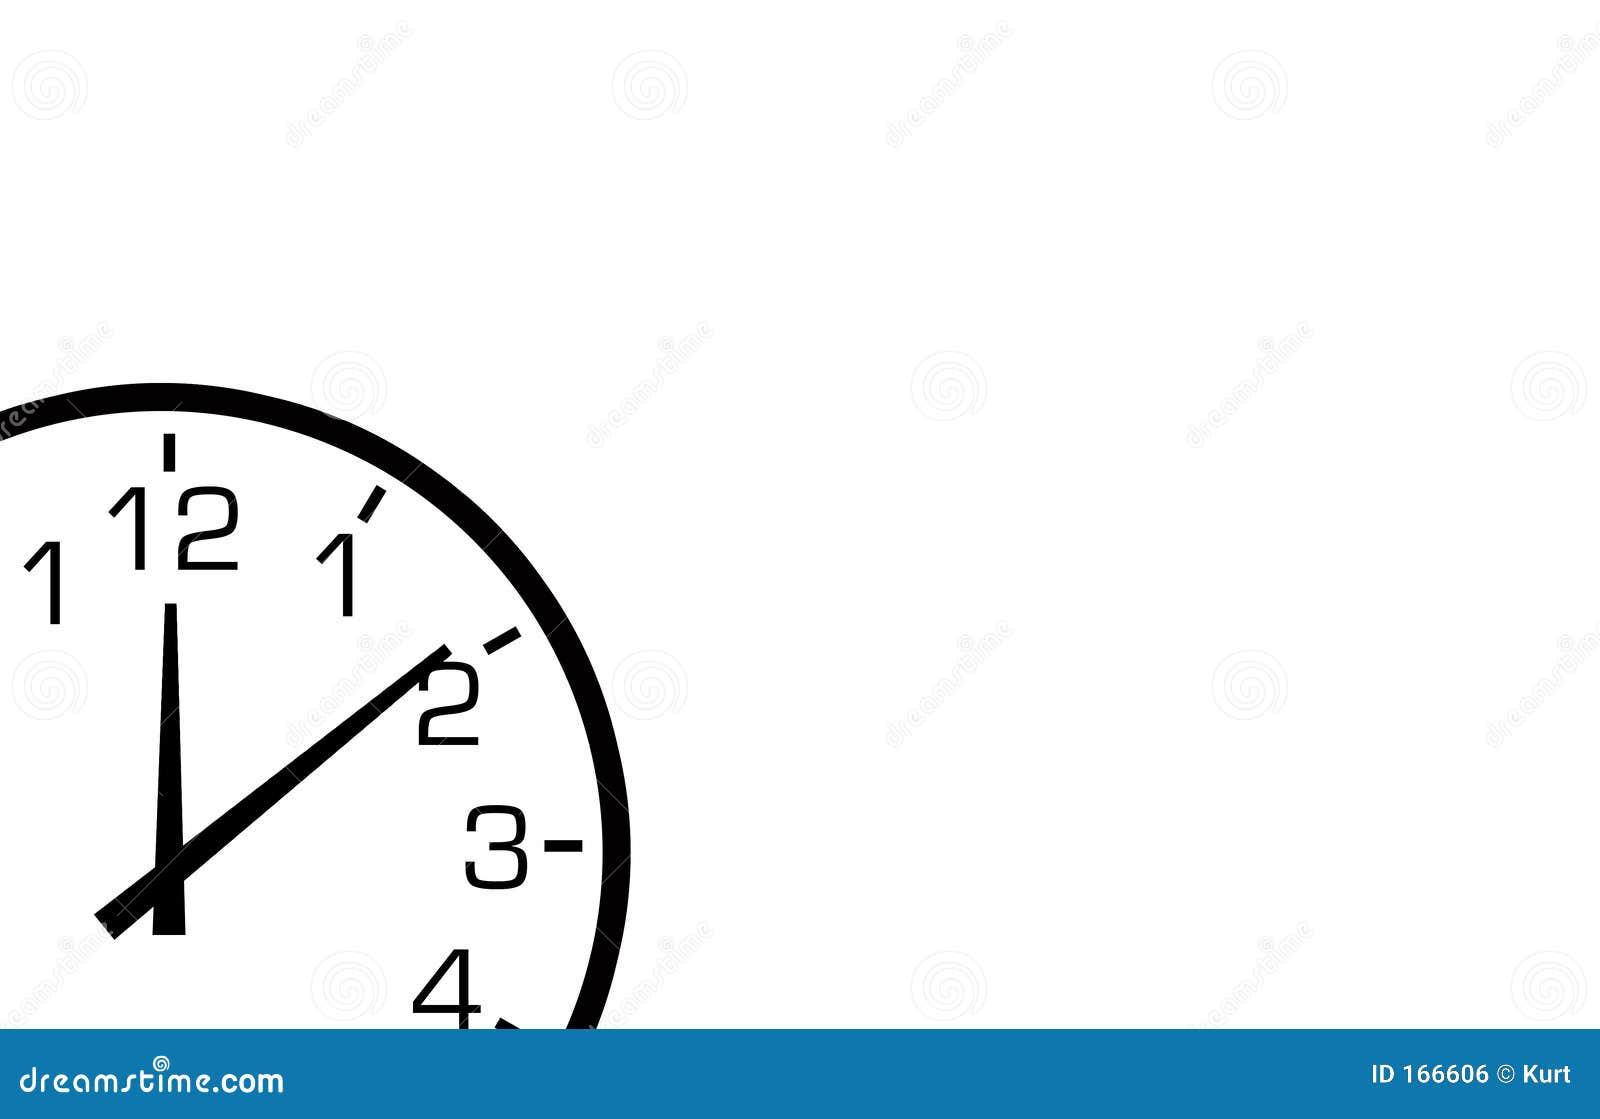 时钟详细资料